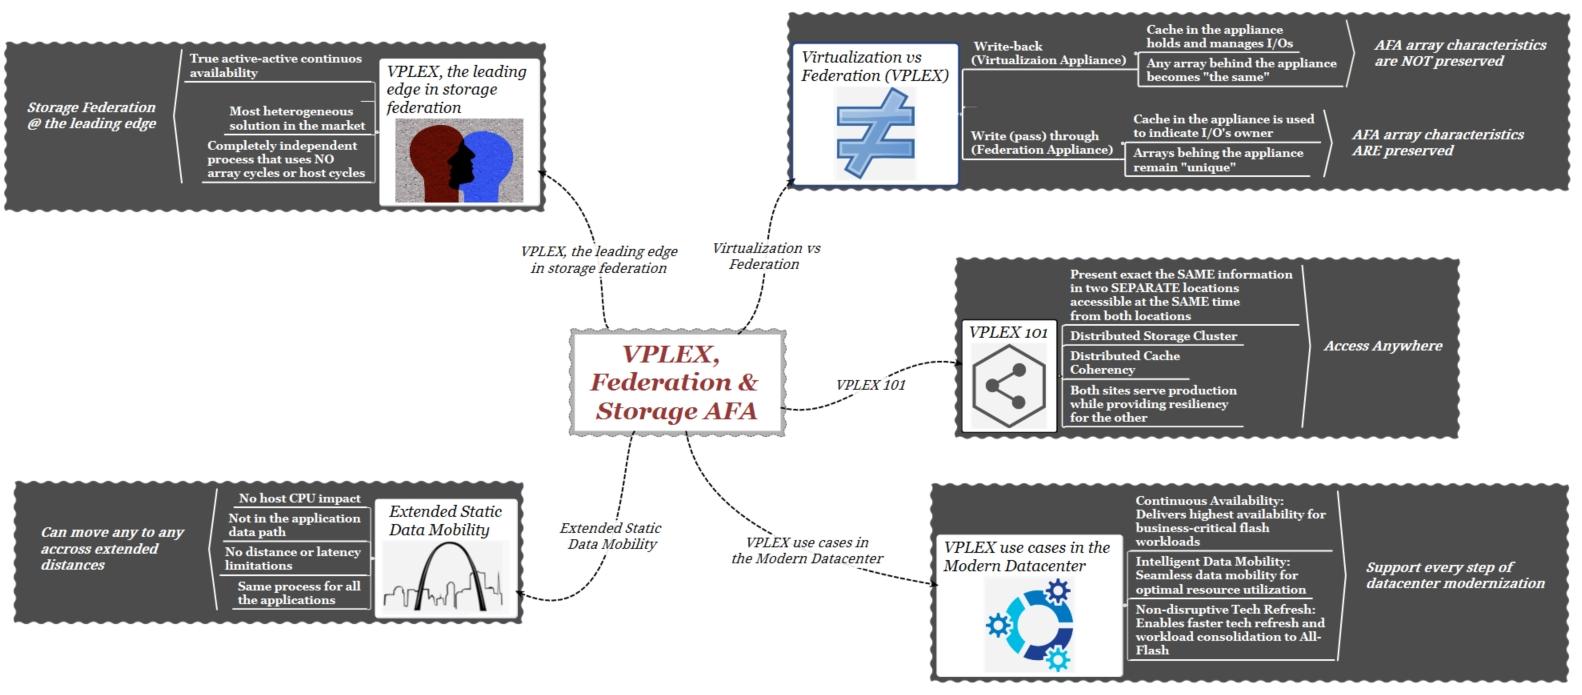 vplex-federation-big-picture